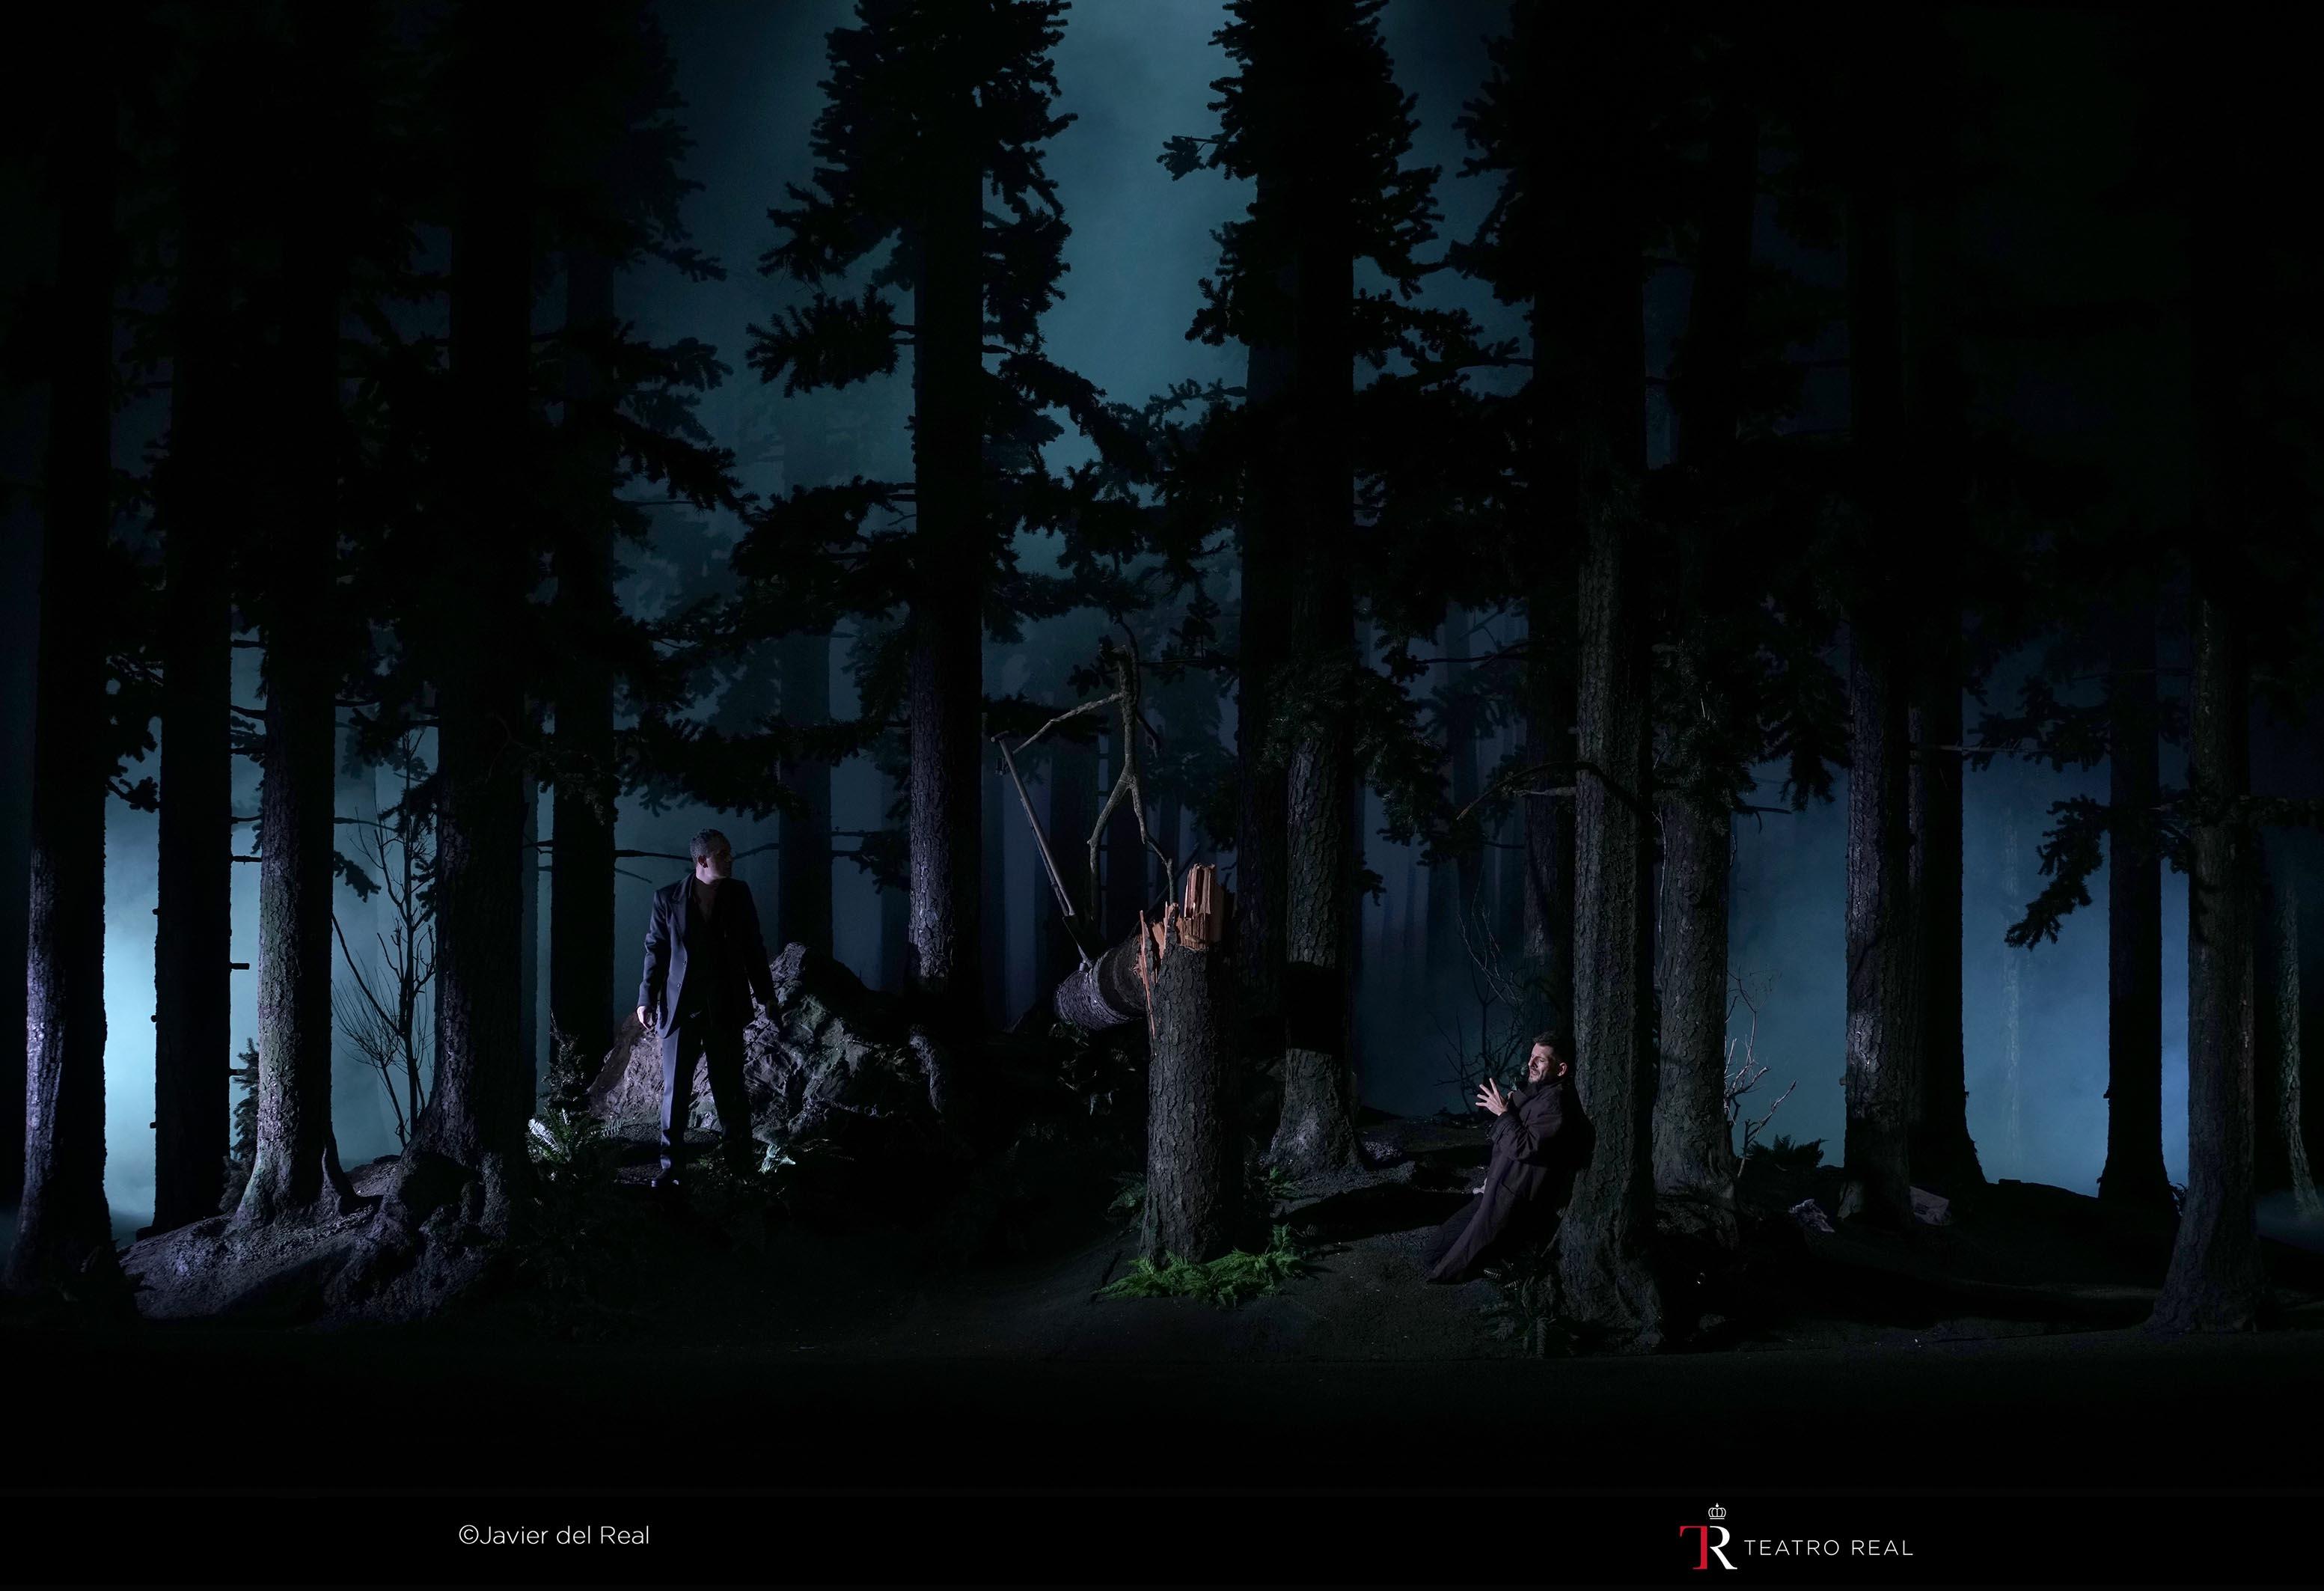 El bosque donde Don Giovanni y su colega Leporello se van de cruising y a colocarse